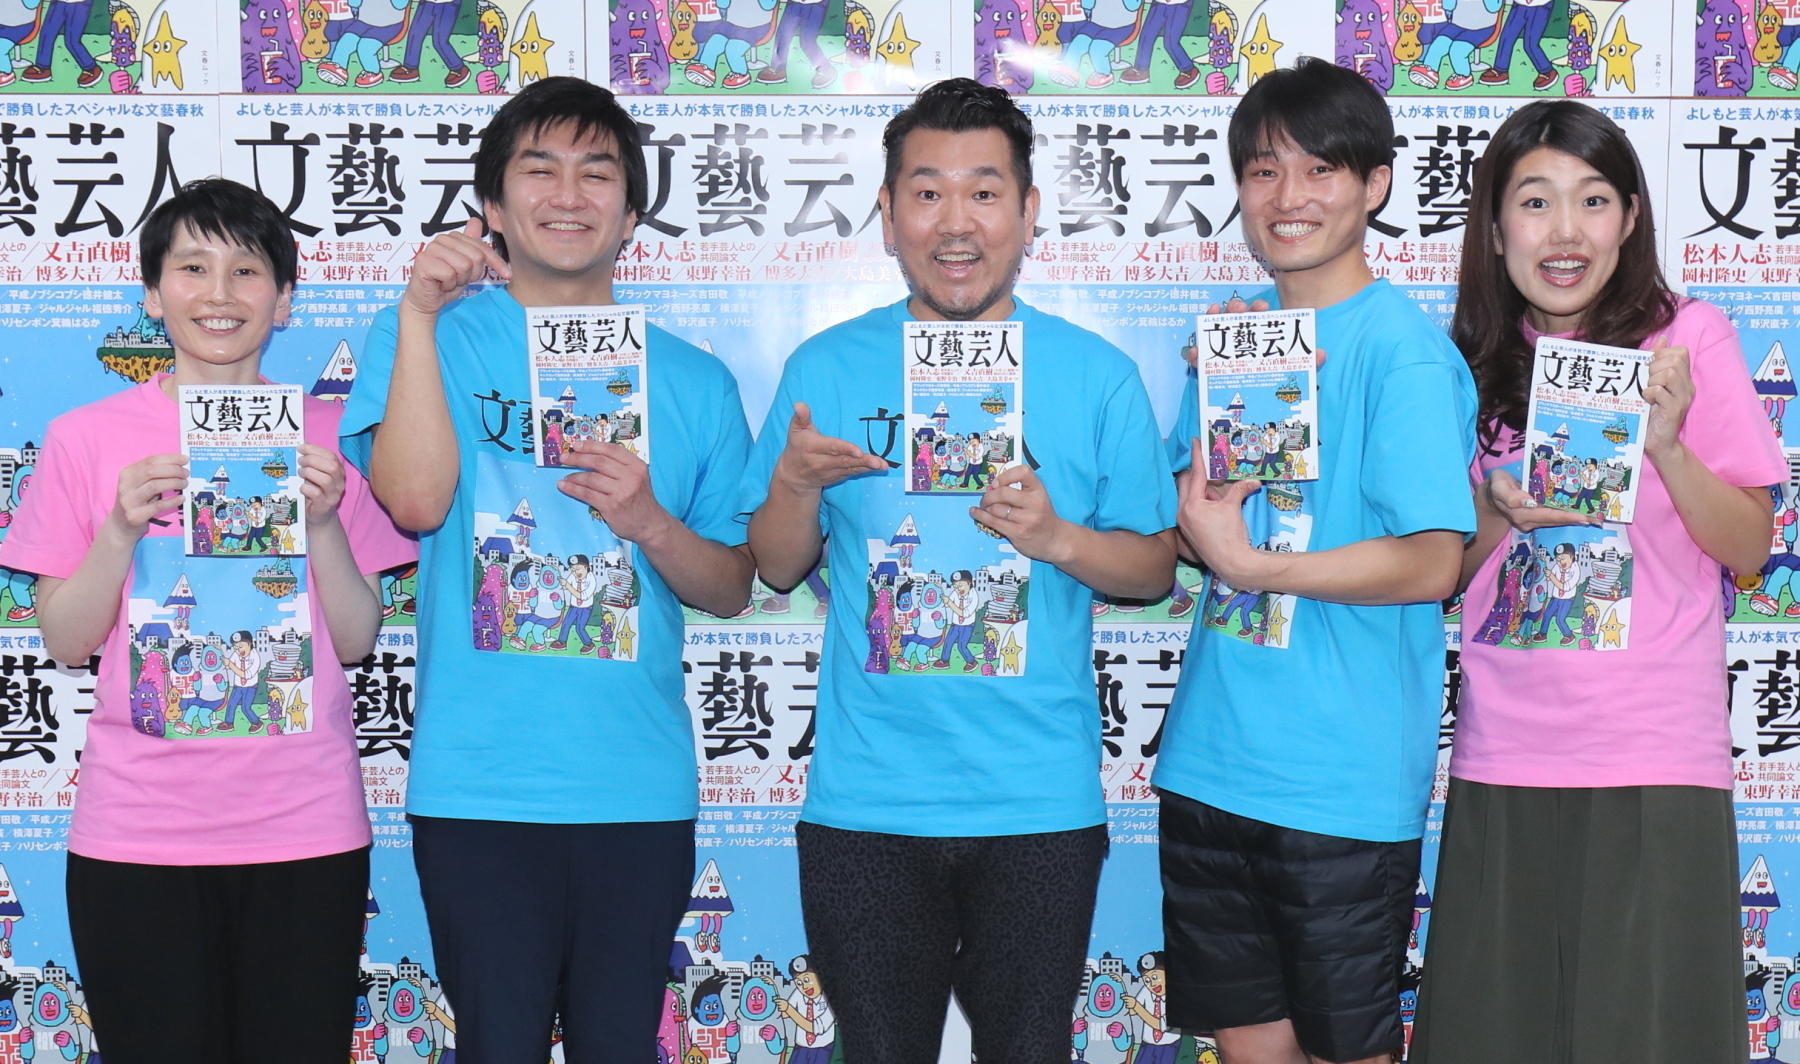 http://news.yoshimoto.co.jp/20170316201943-1001f238489dcc8763cfb909736bd764f2bfd5d9.jpg